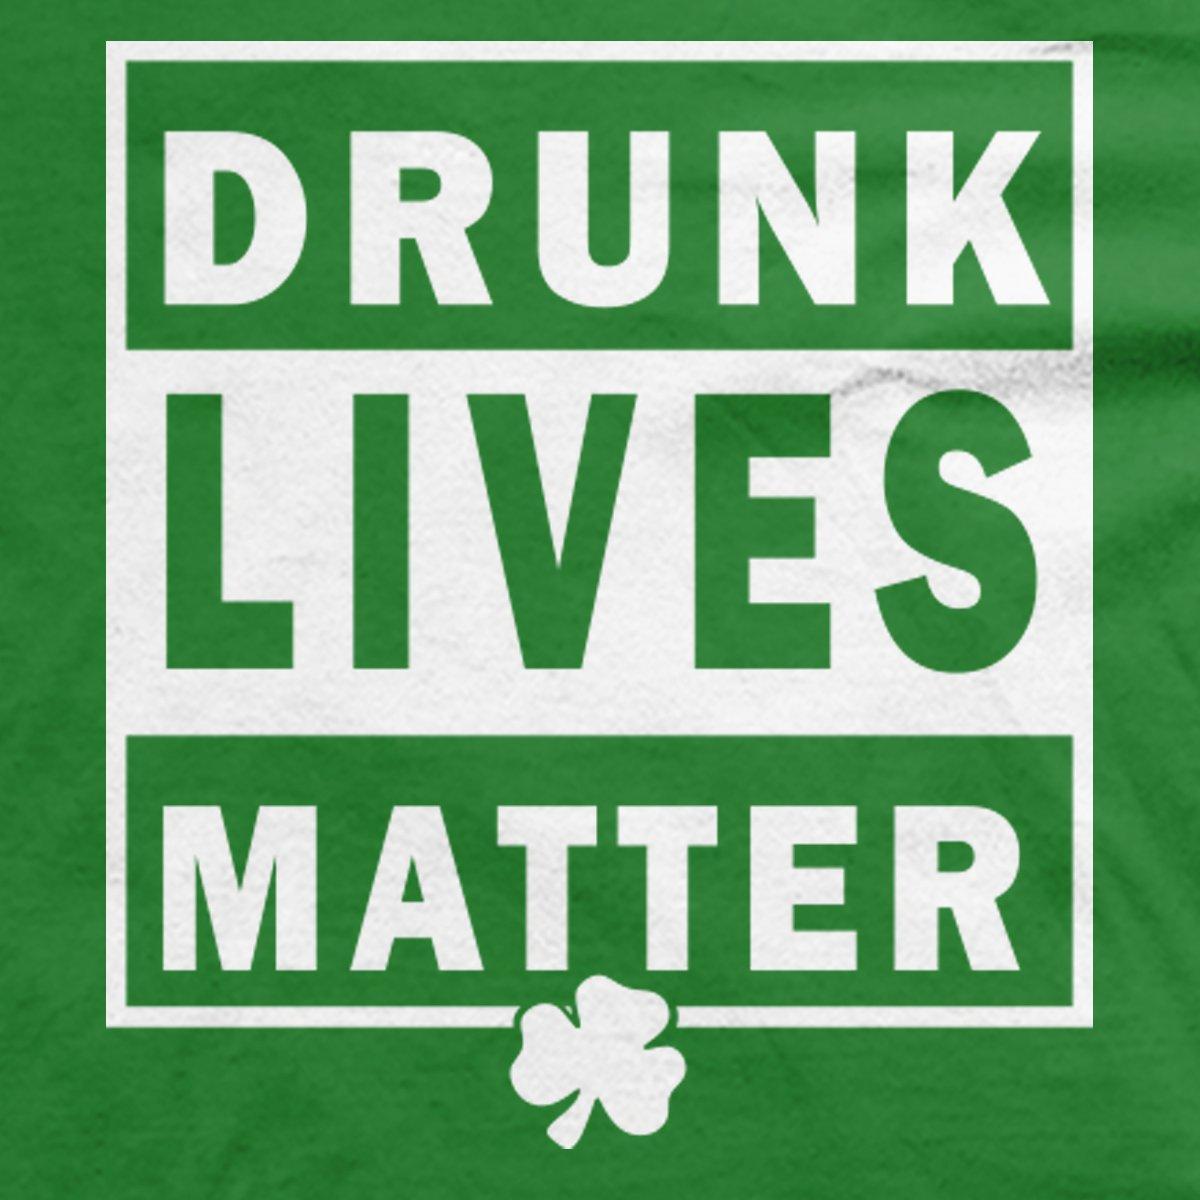 Drunk Lives Matter t-shirt